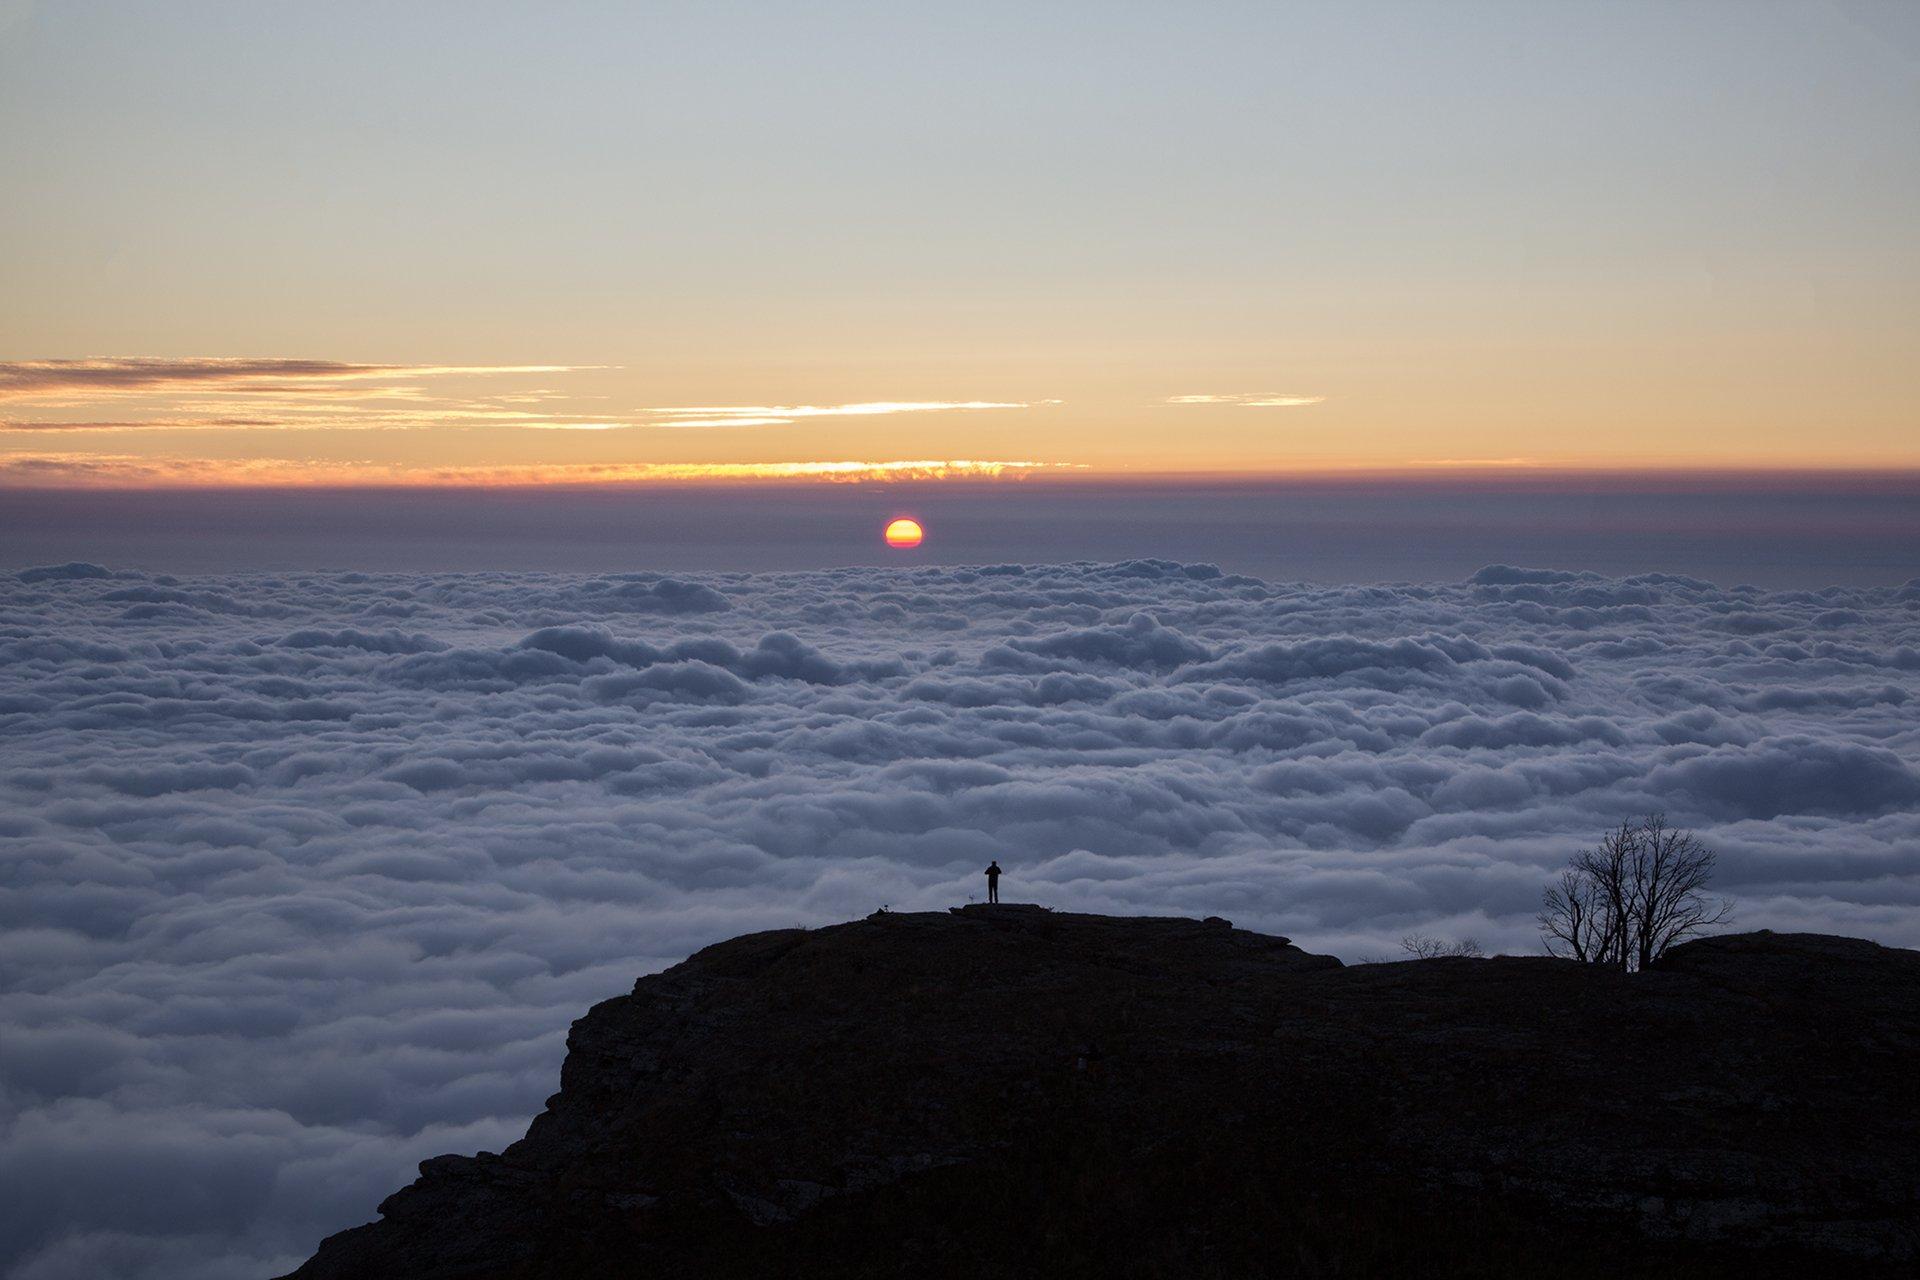 sunset, alone, mountain, clouds, sun, Олег Болотников